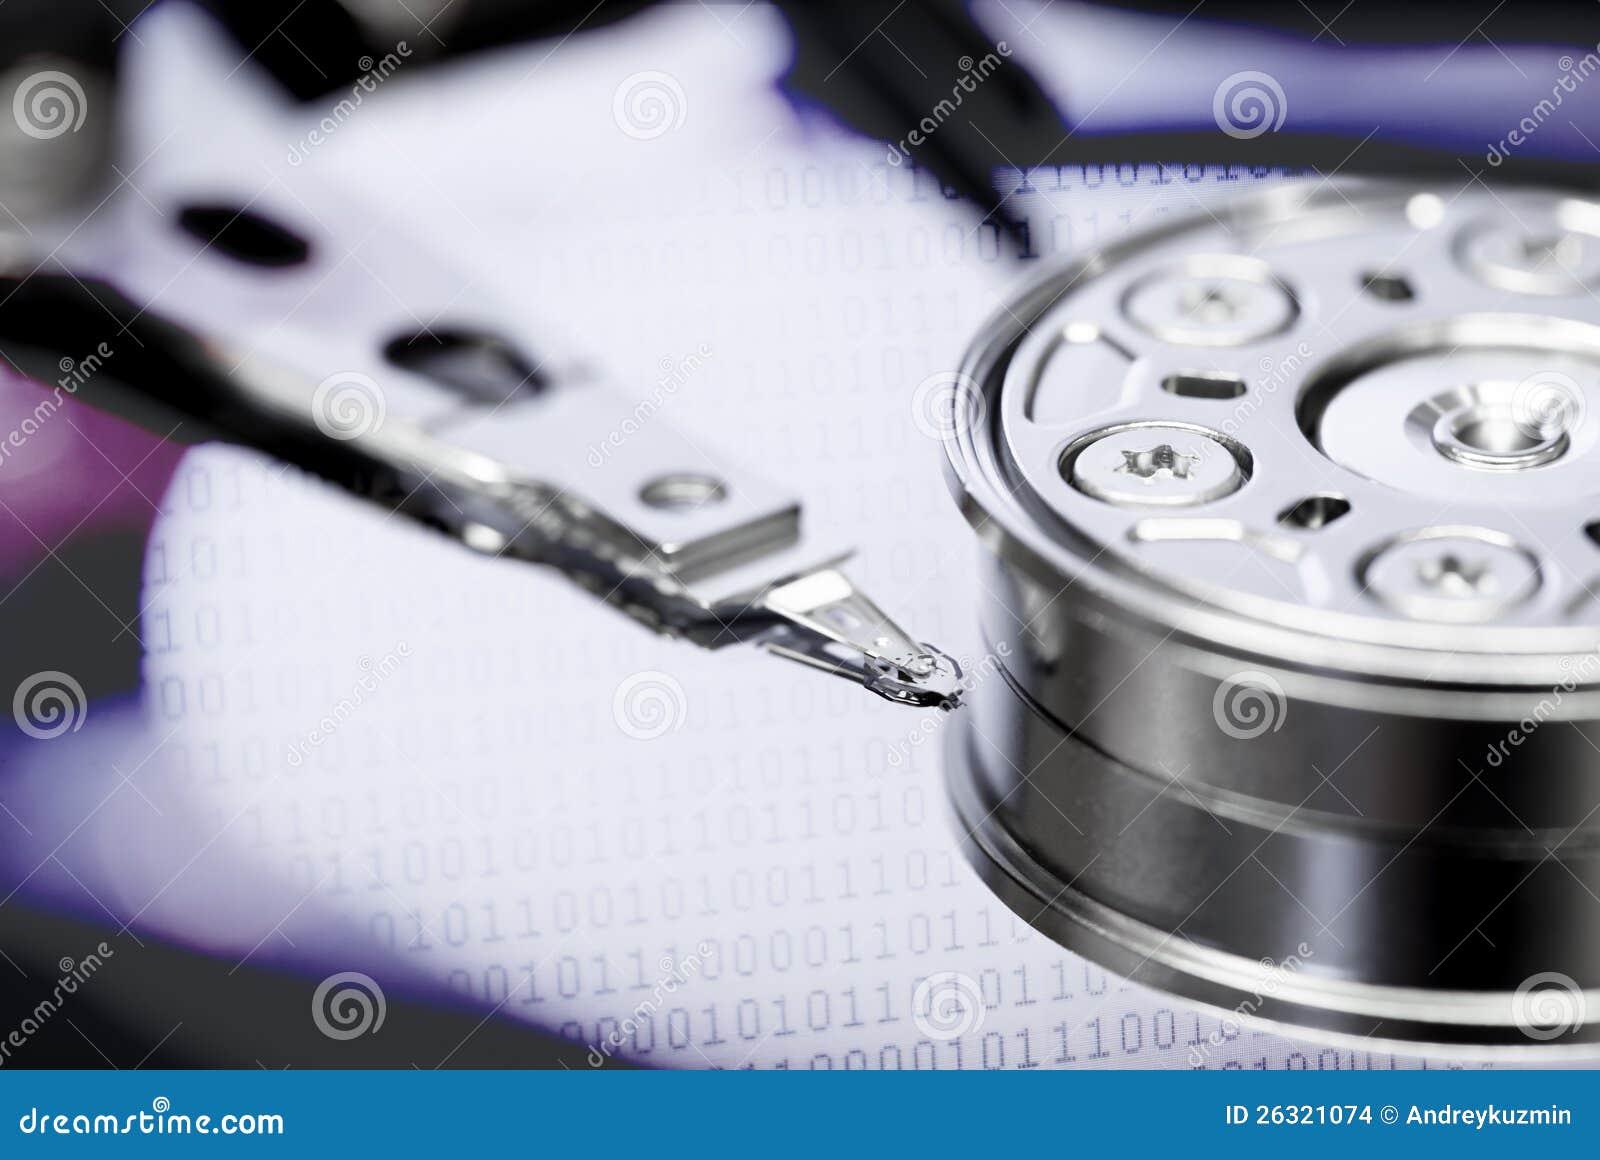 Concetto del recupero di registrazione dell informazione del disco rigido